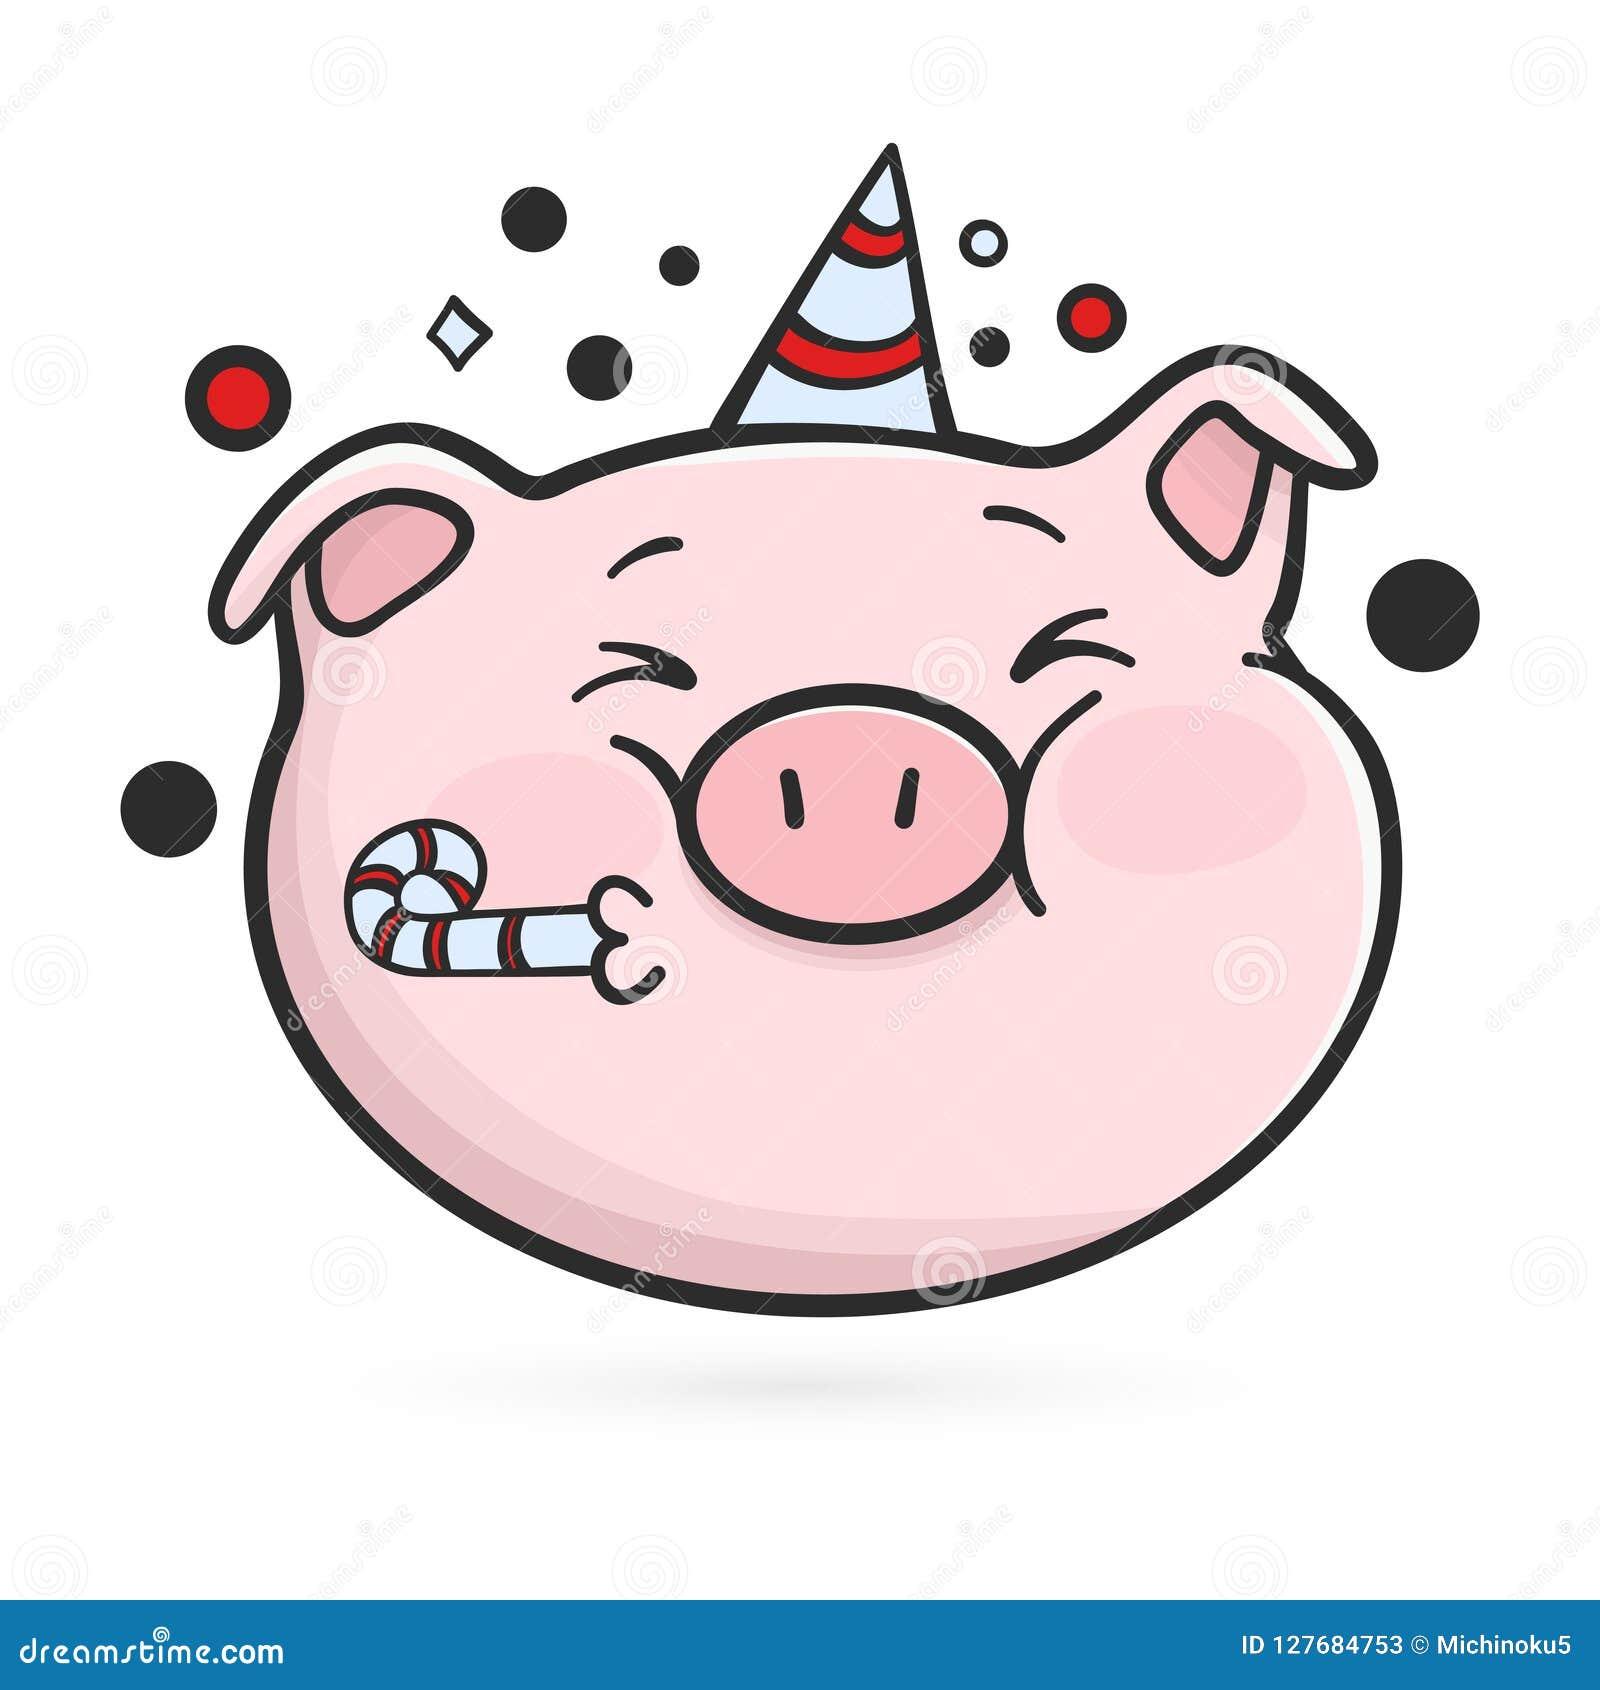 Celebración del icono del emoticon Cerdo de Emoji